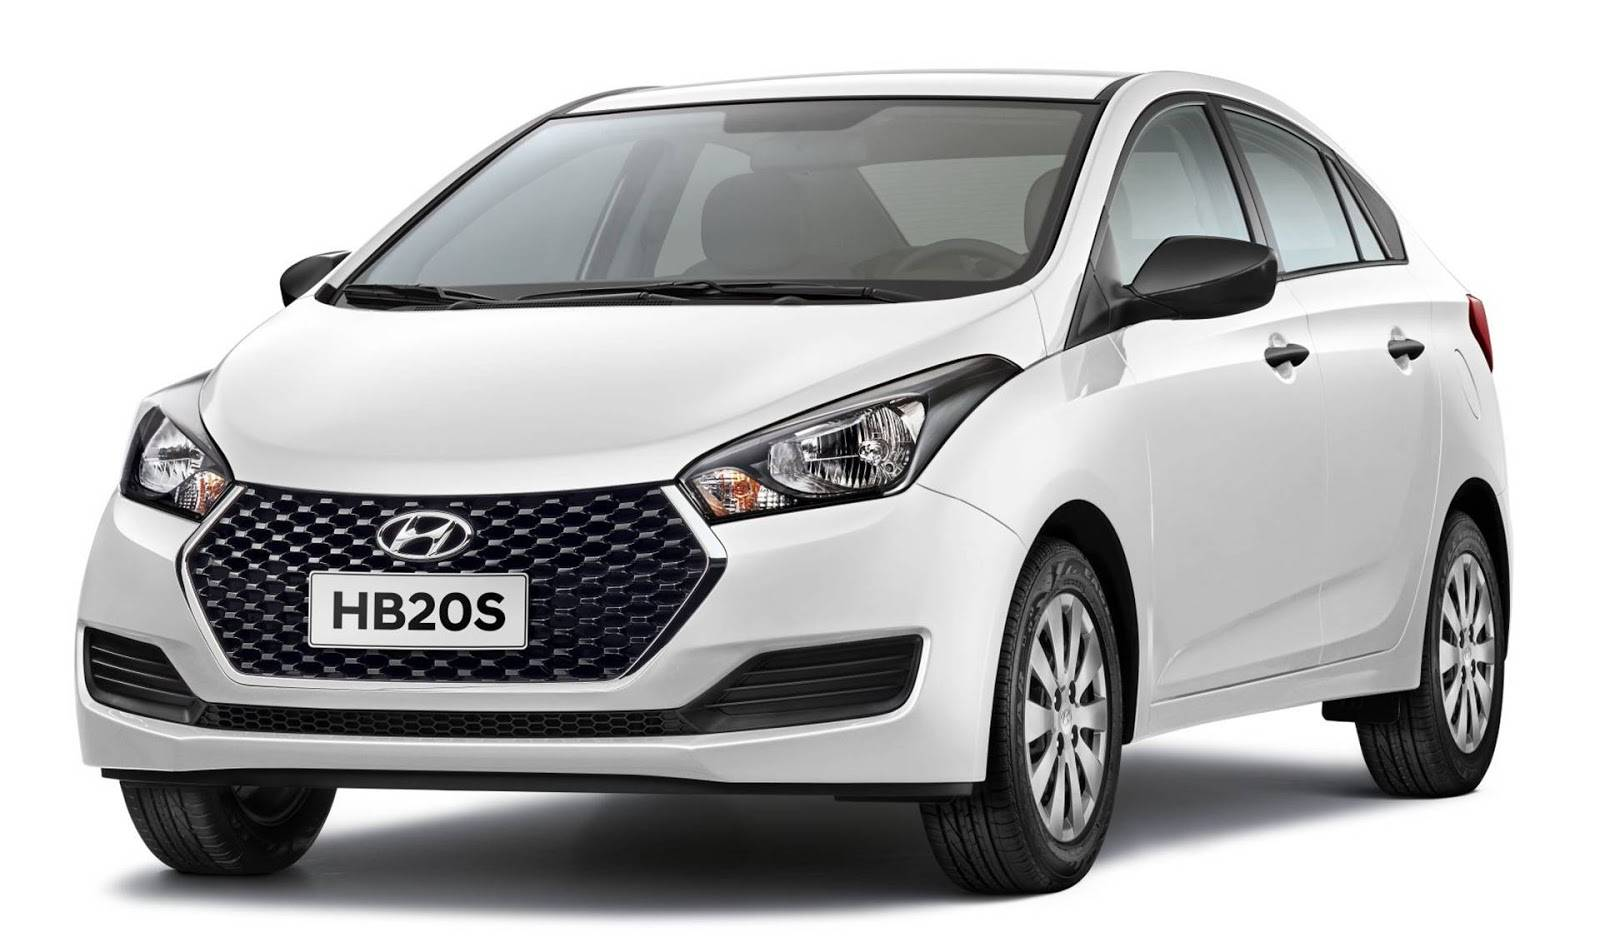 Foto: Hyundai/ Divulgação